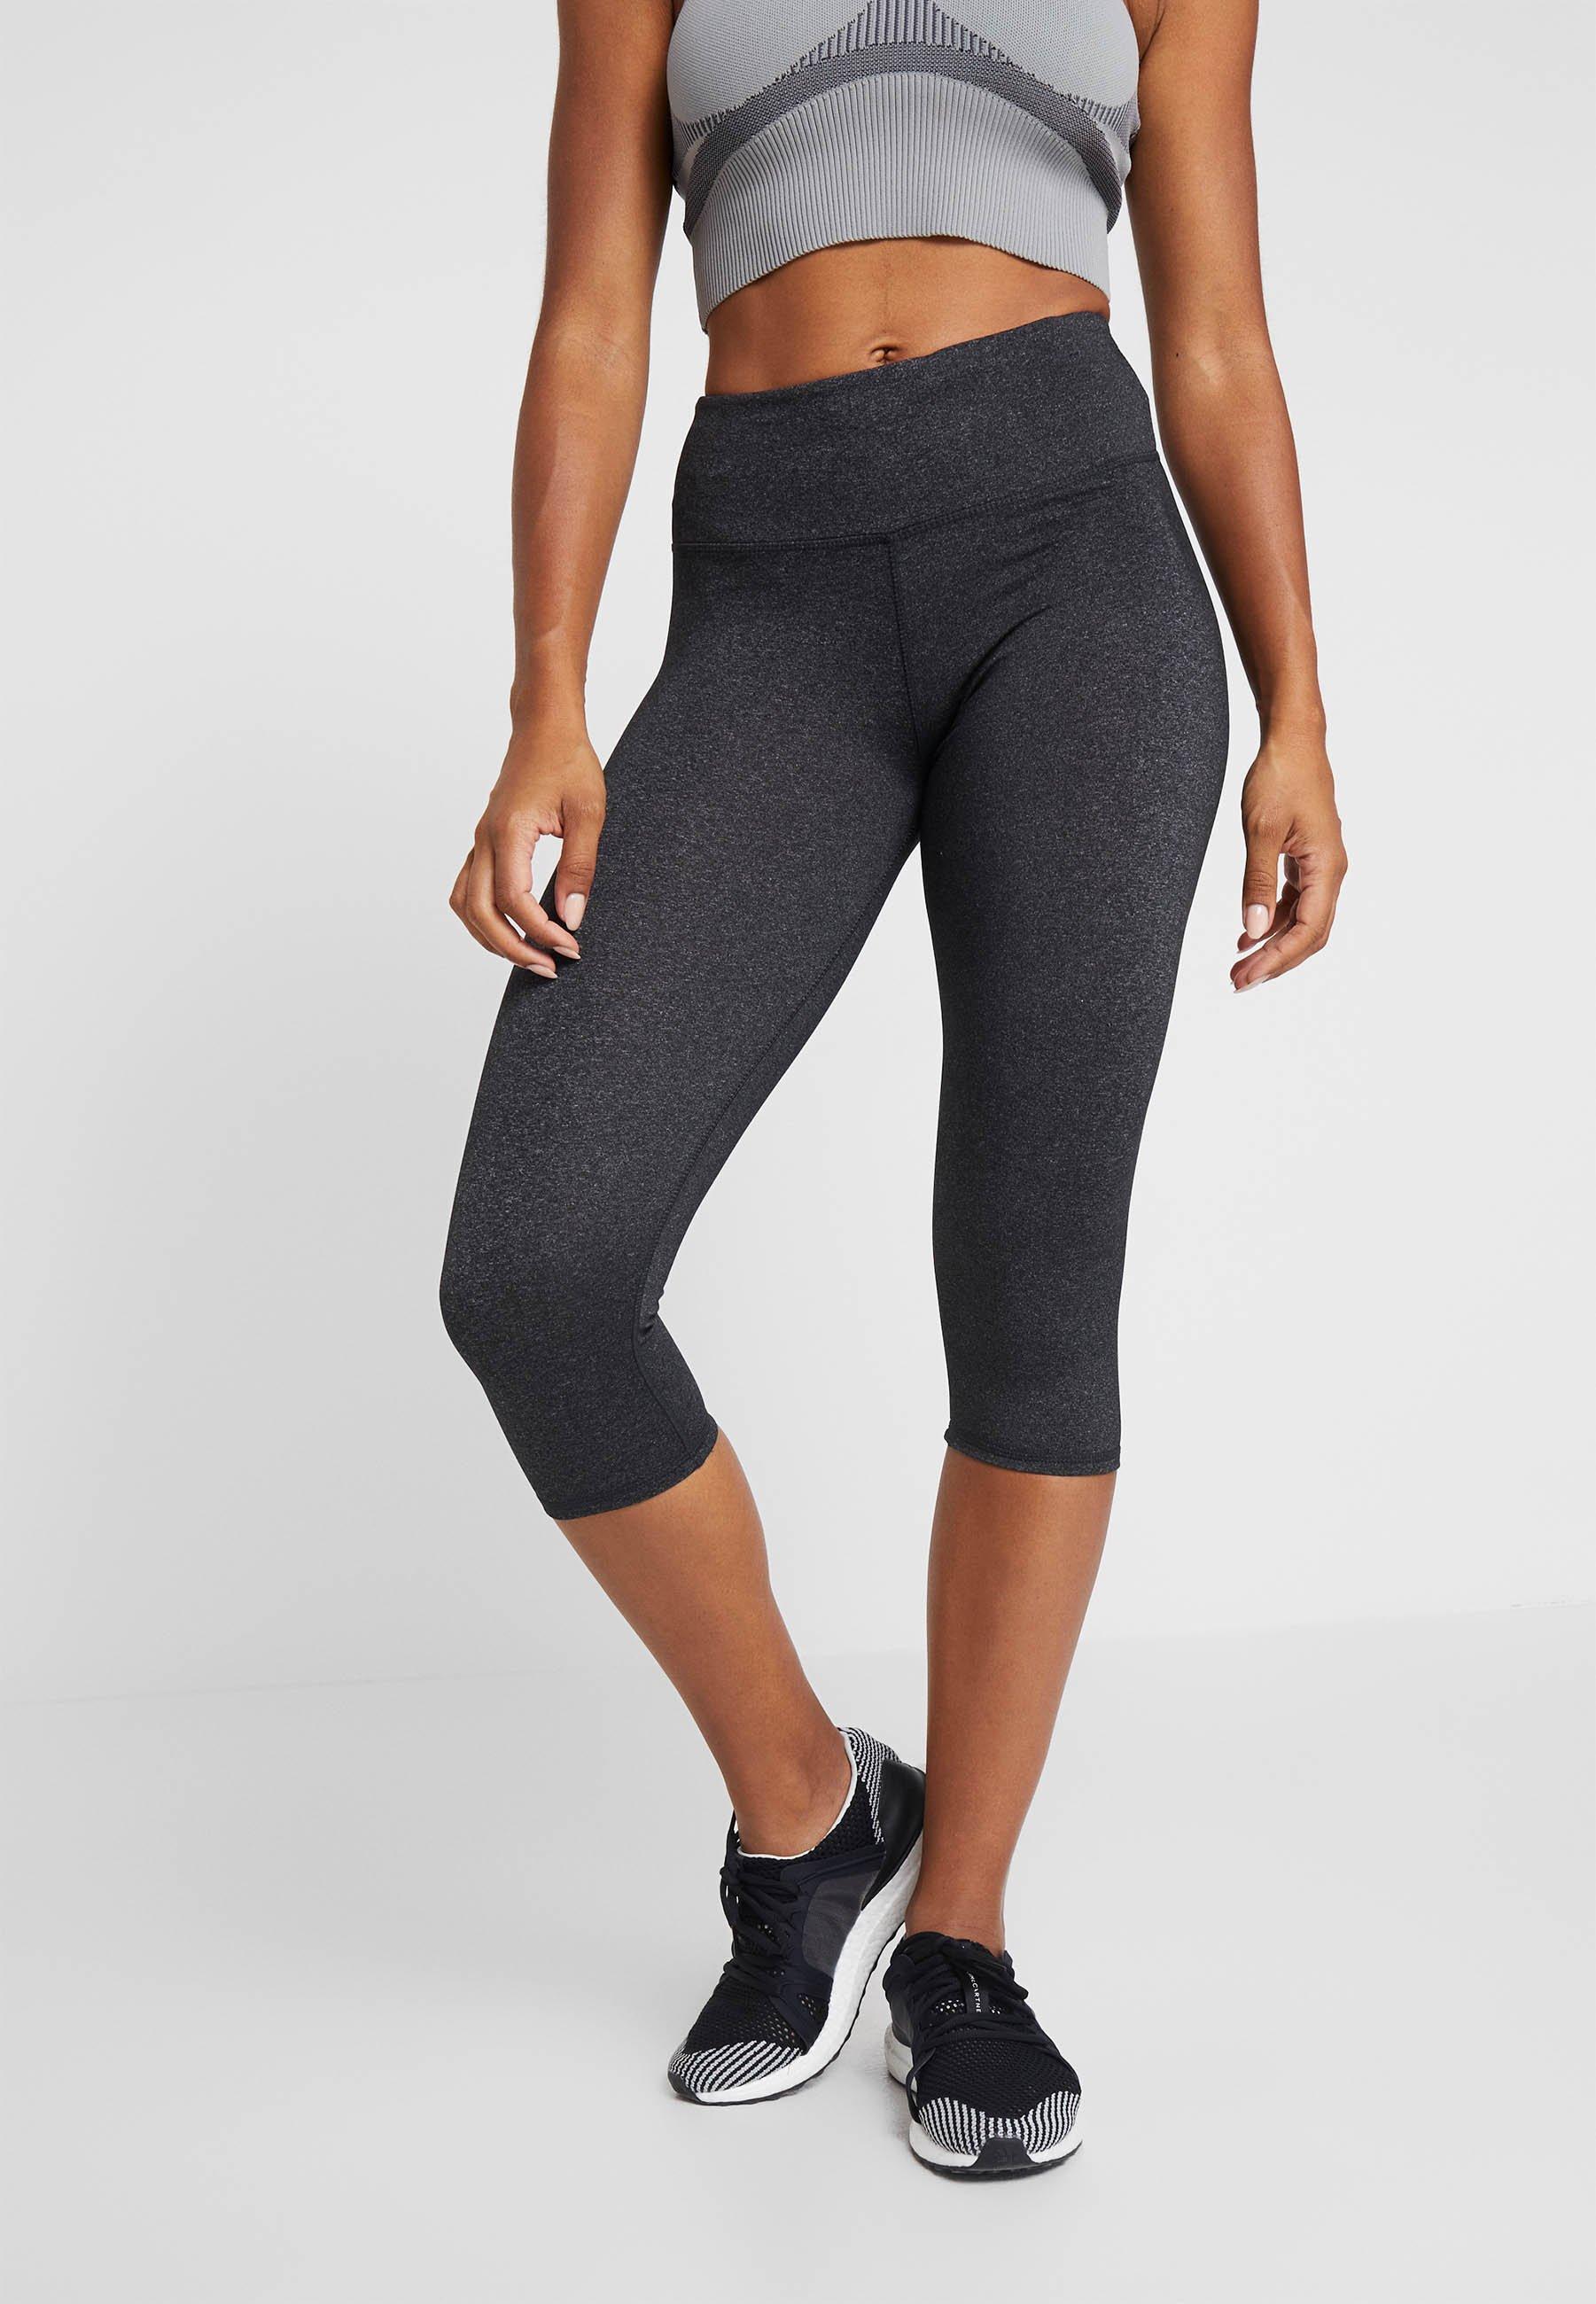 Femme ACTIVE CORE CAPRI - Pantalon 3/4 de sport